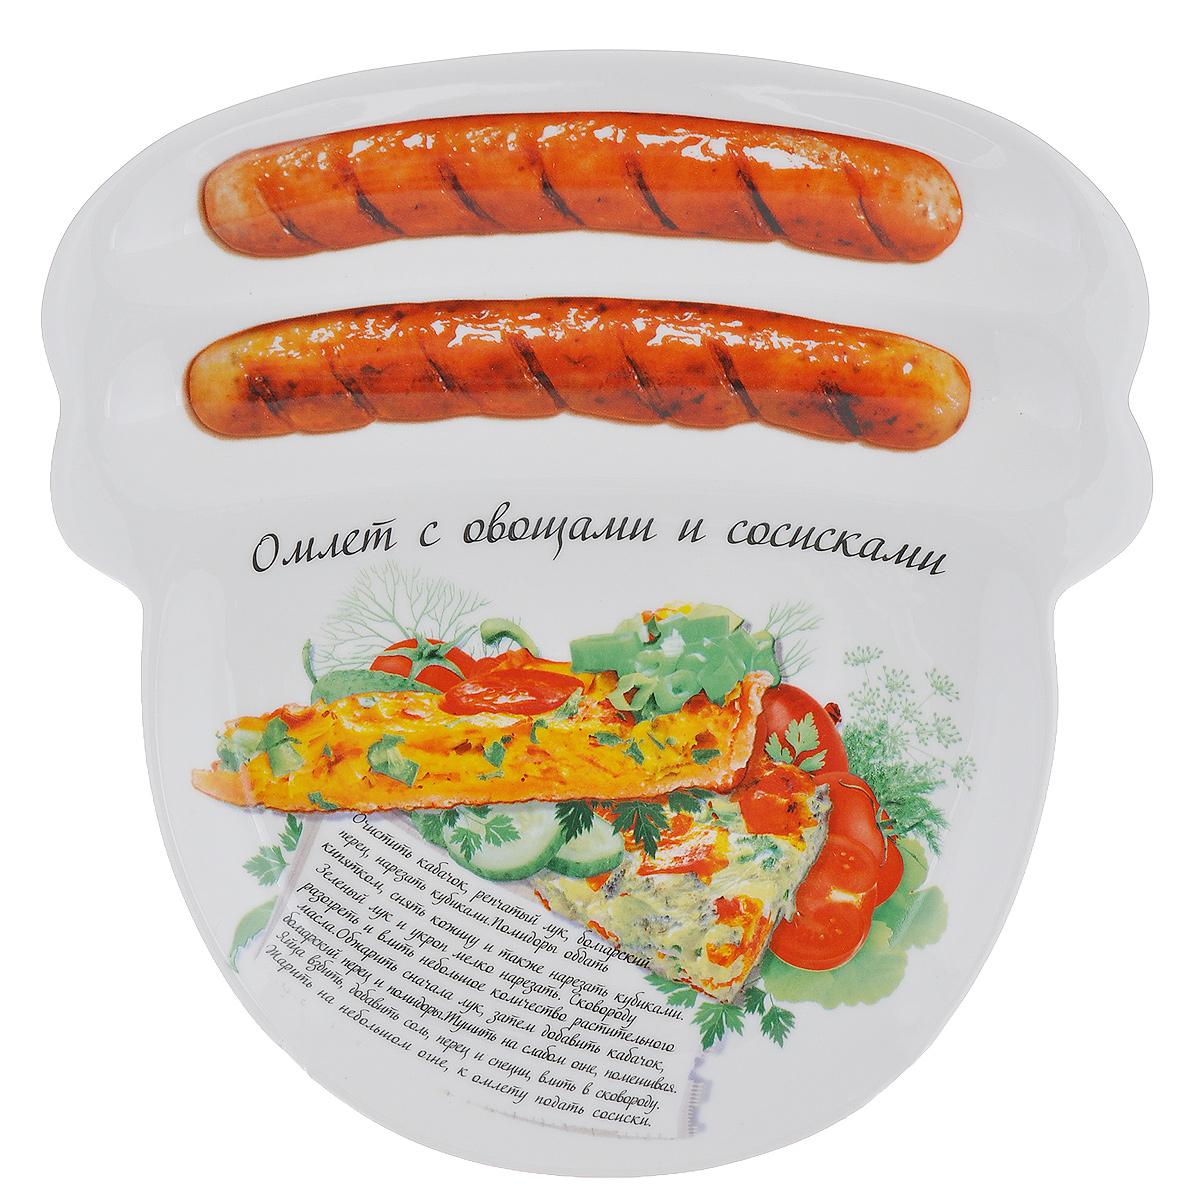 Блюдо для сосисок Larangе Омлет с овощами и сосисками, 23 х 22,7 х 1,6 см